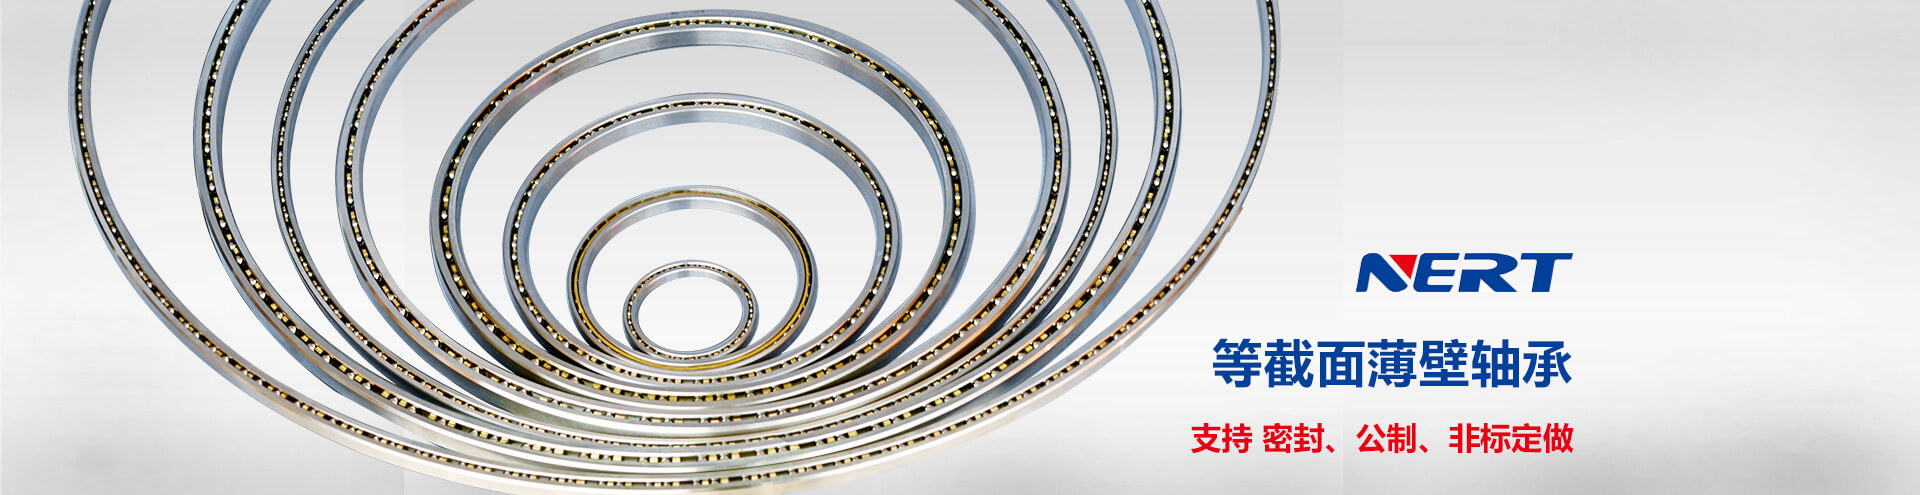 四点角接触kok官网,等截面薄壁kok官网,工业机器人kok官网,超薄kok官网